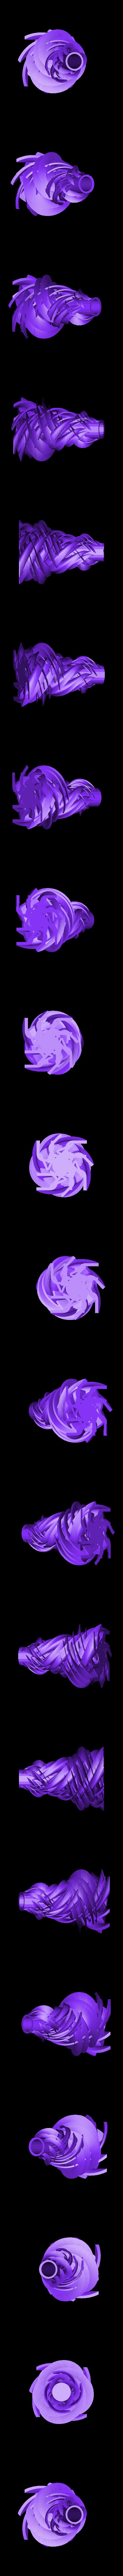 UV_Vase_48.stl Télécharger fichier STL gratuit UV Vase • Plan imprimable en 3D, squiqui